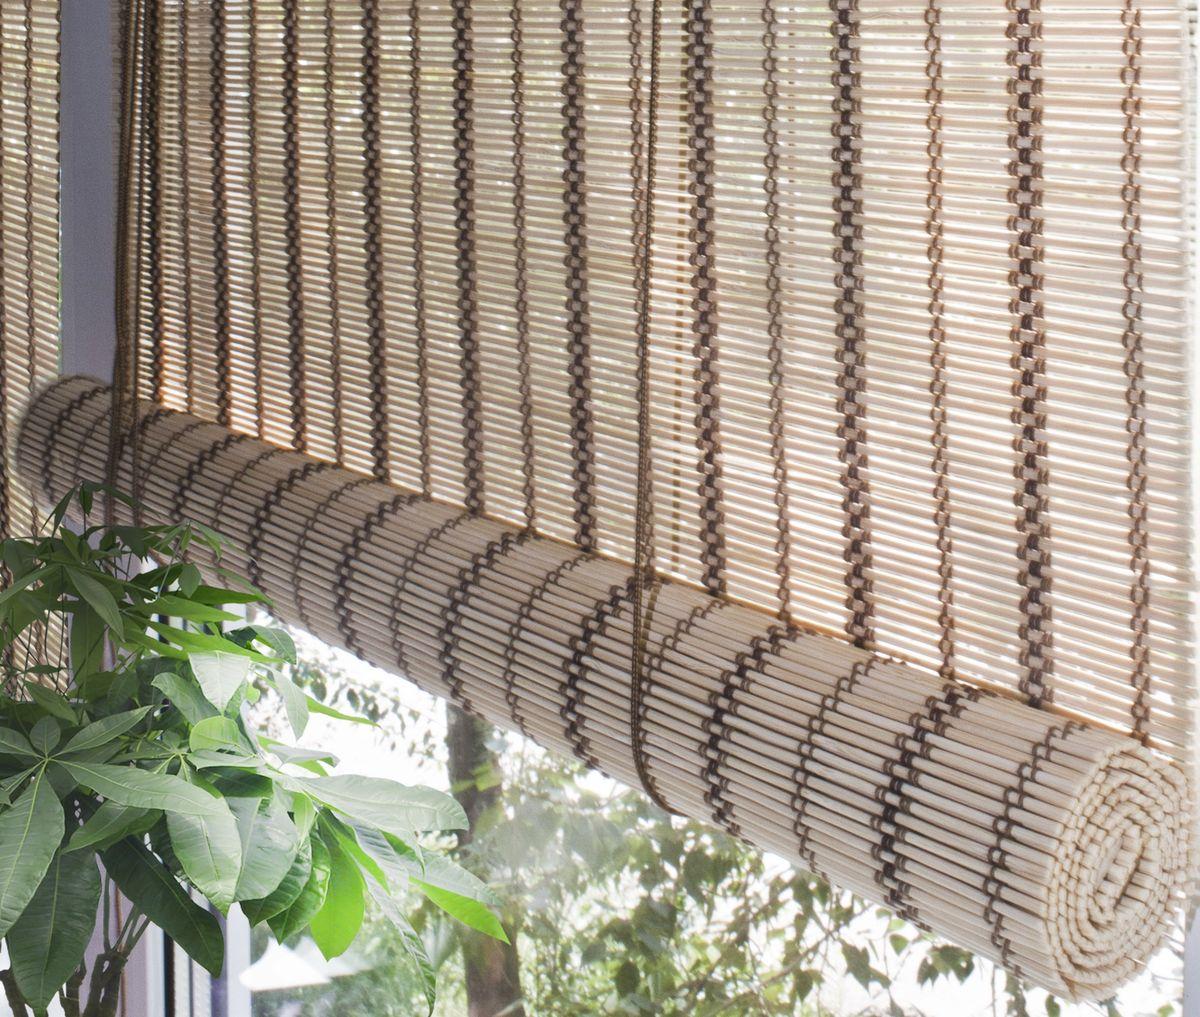 Штора рулонная Эскар Бамбук, цвет: золотой беж, ширина 160 см, высота 160 см70140160160При оформлении интерьера современных помещений многие отдают предпочтение природным материалам. Бамбуковые рулонные шторы - одно из натуральных изделий, способное сделать атмосферу помещения более уютной и в то же время необычной. Свойства бамбука уникальны: он экологически чист, так как быстро вырастает, благодаря чему не успевает накопить вредные вещества из окружающей среды. Кроме того, растение обладает противомикробным и антибактериальным действием. Занавеси из бамбука безопасно использовать в помещениях, где находятся новорожденные дети и люди, склонные к аллергии. Они незаменимы для тех, кто заботится о своем здоровье и уделяет внимание высокому уровню жизни. Бамбуковые рулонные шторы представляют собой полотно, состоящее из тонких бамбуковых стеблей и сворачиваемое в рулон. Римские бамбуковые шторы, как и тканевые римские шторы, при поднятии образуют крупные складки, которые прекрасно декорируют окно. Особенность устройства полотна позволяет свободно пропускать...